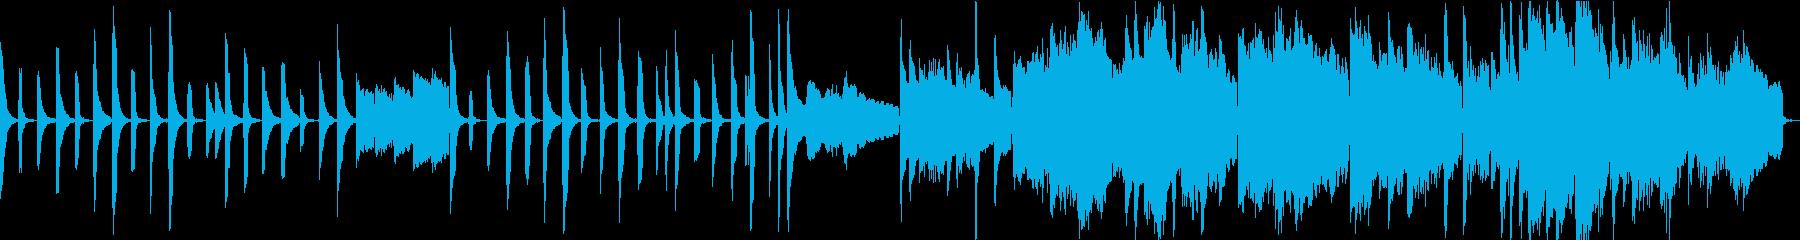 可愛くて切ない励ましBGM(ループ可)の再生済みの波形